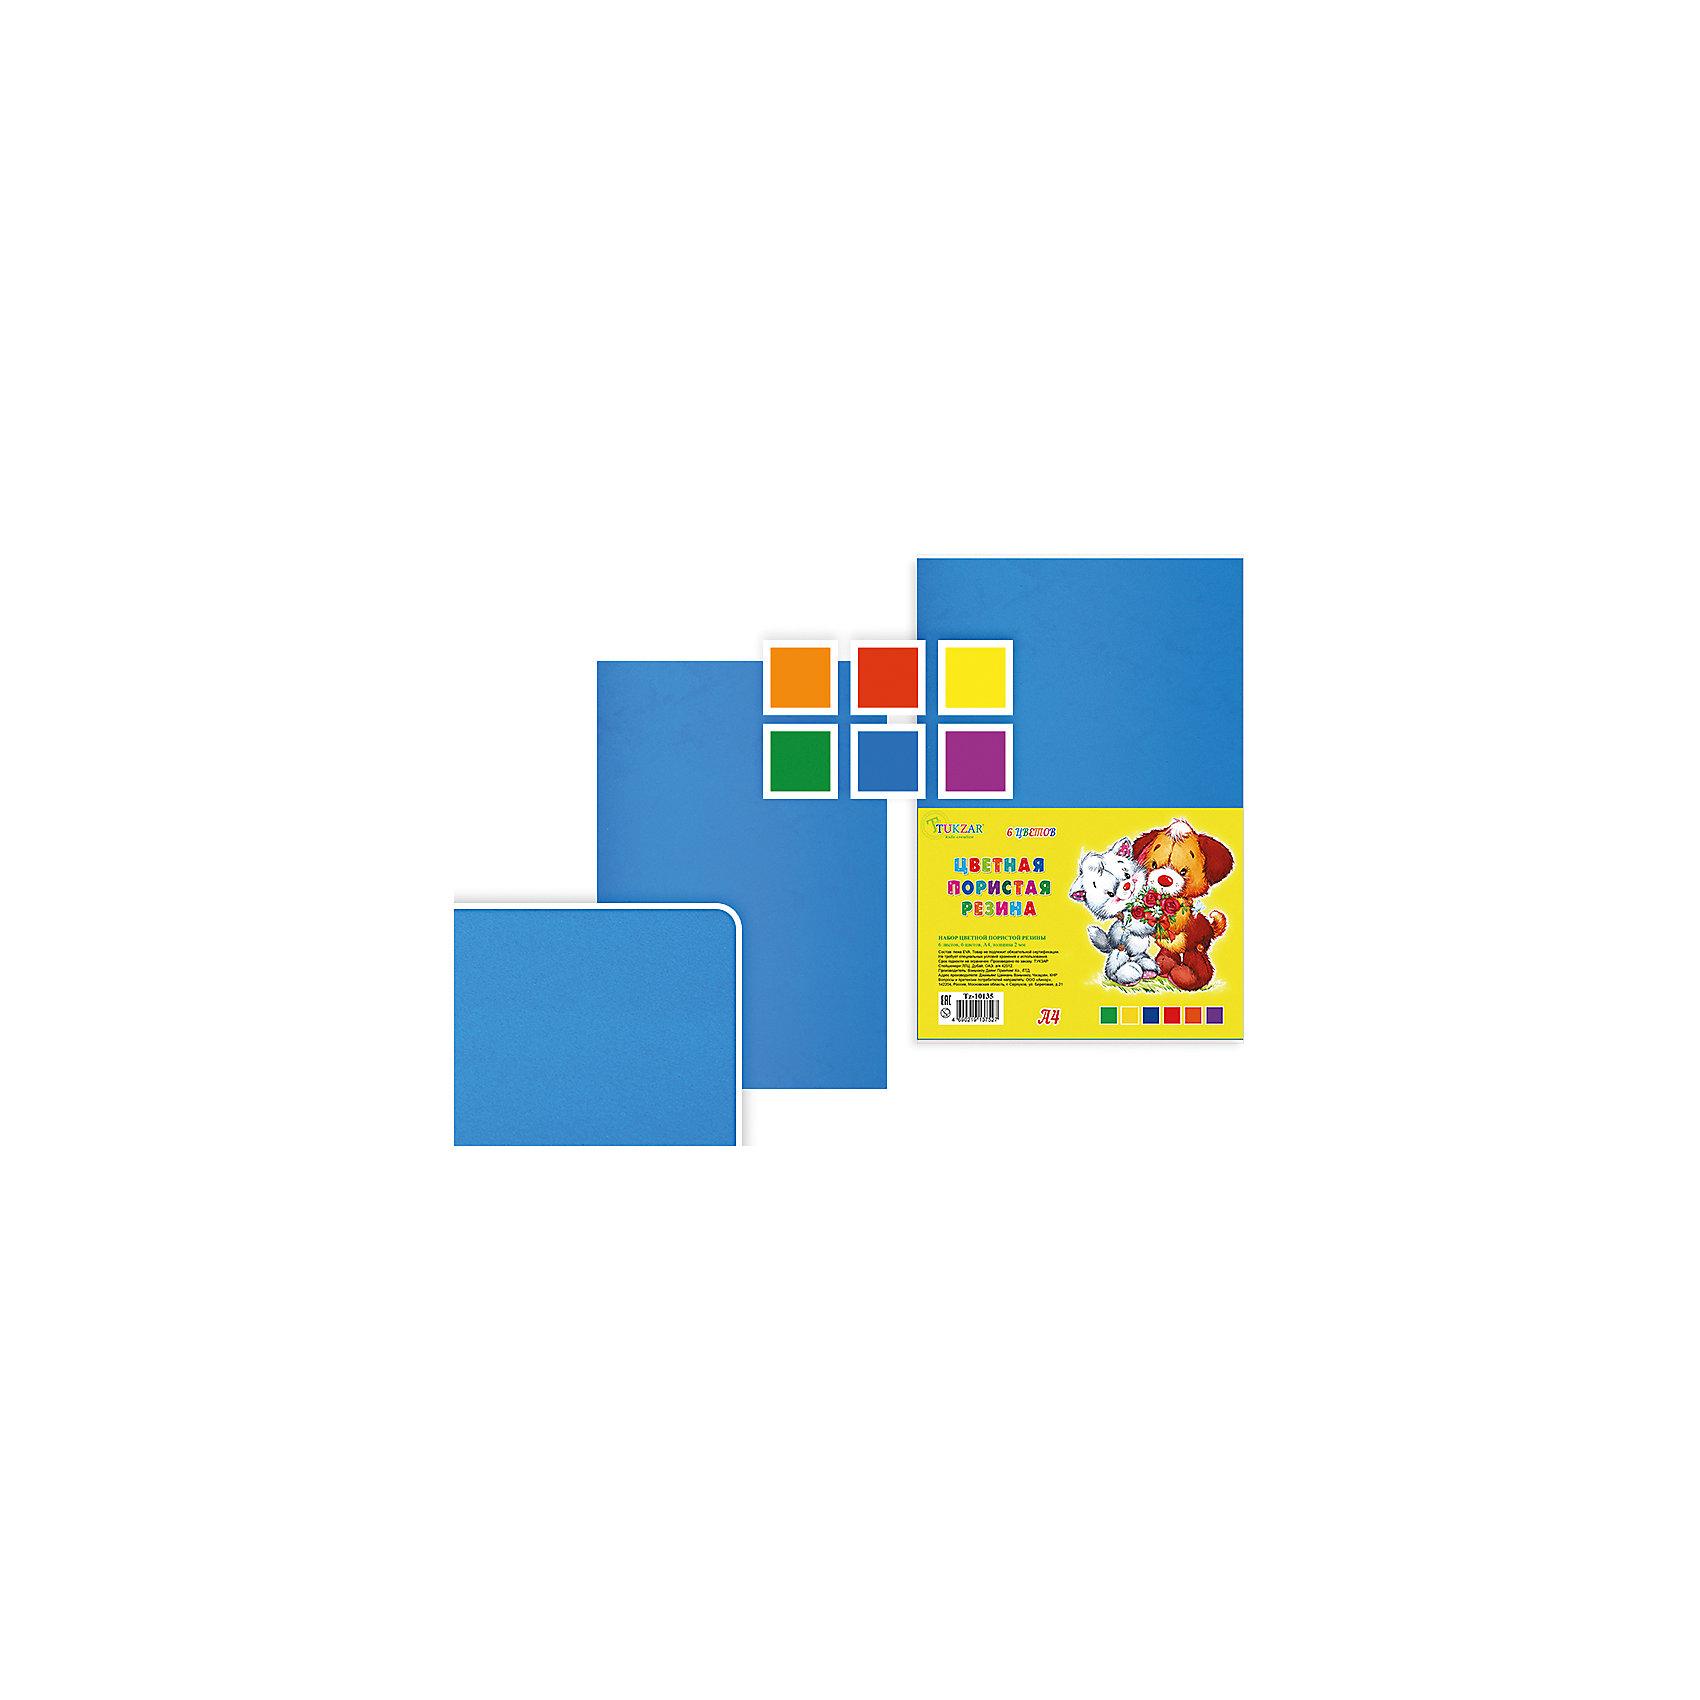 Набор цветной пористой резины, толщина - 2 мм, 6 листов, 6 цветов, А 4Последняя цена<br>Набор цветной пористой резины, толщина - 2 мм, 6 листов, 6 цветов, А 4.<br><br>Характеристики:<br><br>• Возраст: от 6 лет<br>• Количество: 6 разноцветных листов формата А4<br>• Толщина листа: 2 мм.<br>• Цвета: оранжевый, красный, желтый, зеленый, голубой, сиреневый<br><br>Цветная пористая резина (пена EVA) ярких насыщенных цветов в листах формата А4 предназначена для создания творческих поделок и объемных аппликаций дома, в школе или в детском саду. Пористая резина - приятная на ощупь, гибкая. Работать с ней просто и удобно, она режется ножницами, легко принимает нужную форму.<br><br>Набор цветной пористой резины, толщина - 2 мм, 6 листов, 6 цветов, А 4 можно купить в нашем интернет-магазине.<br><br>Ширина мм: 330<br>Глубина мм: 8<br>Высота мм: 210<br>Вес г: 100<br>Возраст от месяцев: 72<br>Возраст до месяцев: 2147483647<br>Пол: Унисекс<br>Возраст: Детский<br>SKU: 5504493